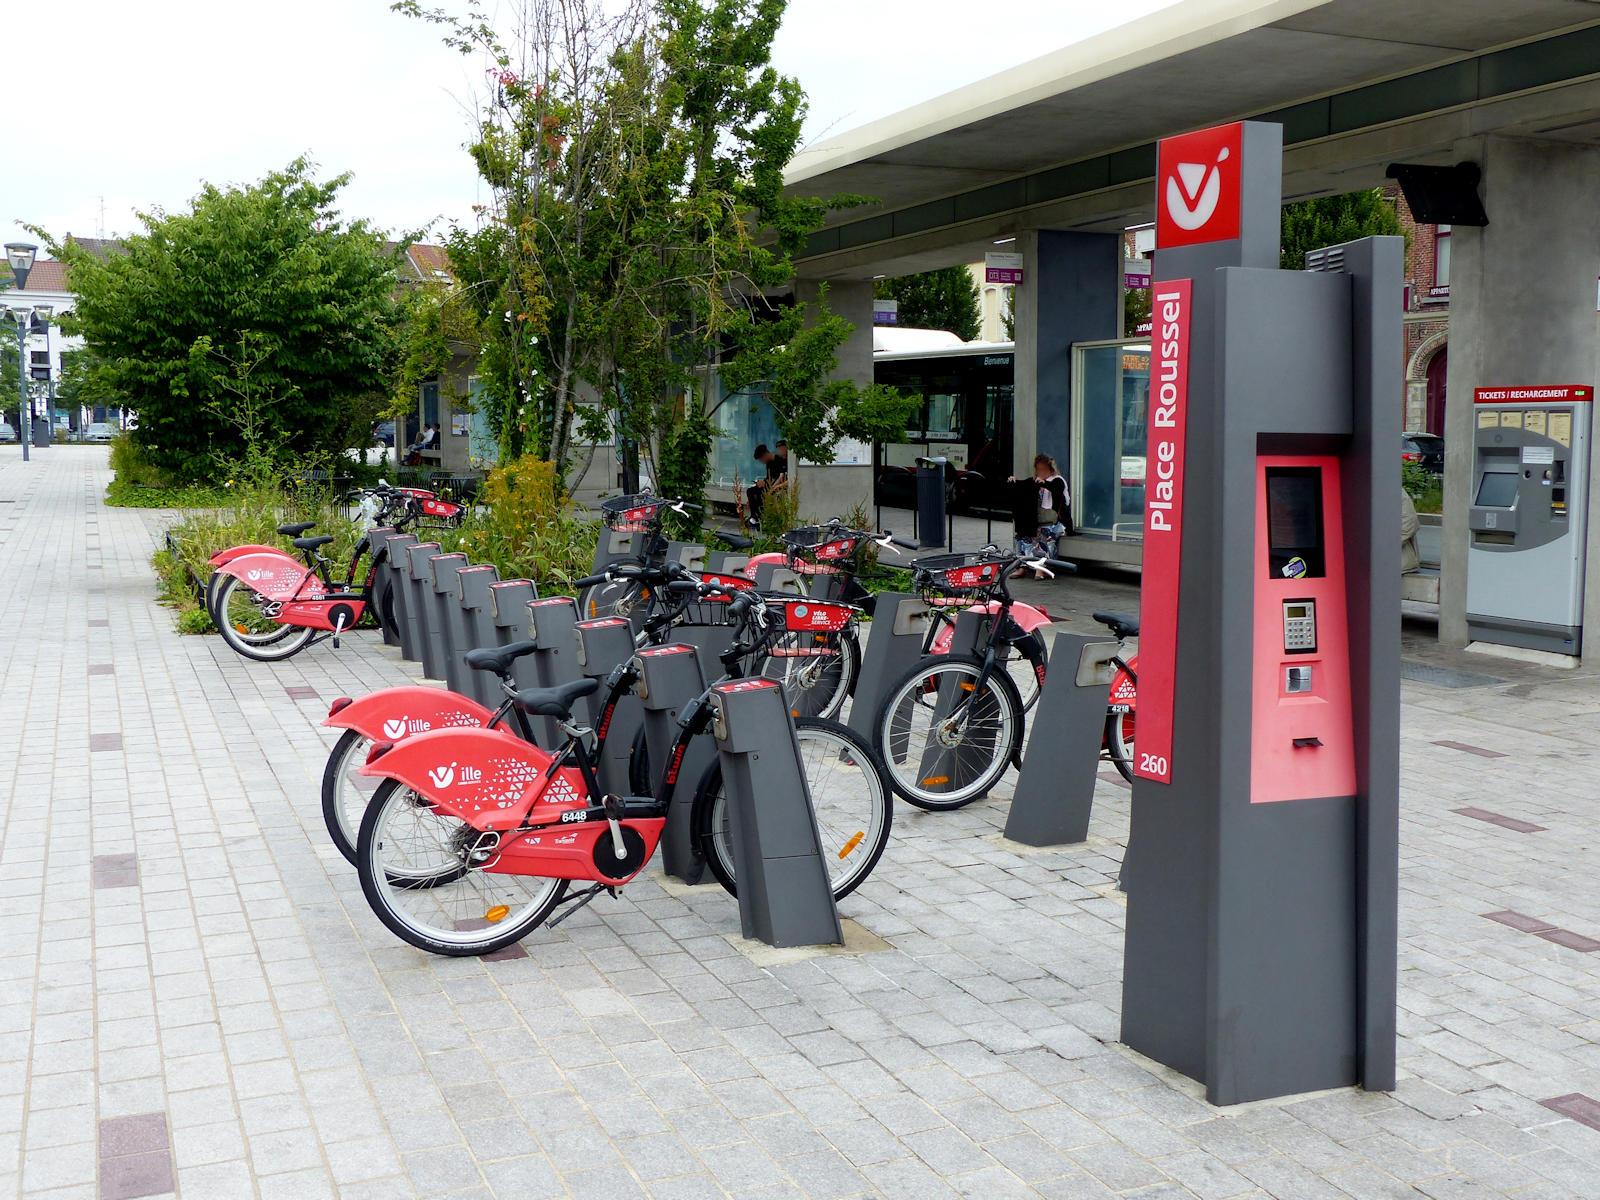 """Vélos V'Lille """"Place Roussel"""" - Tourcoing, pôle d'échanges ilévia"""